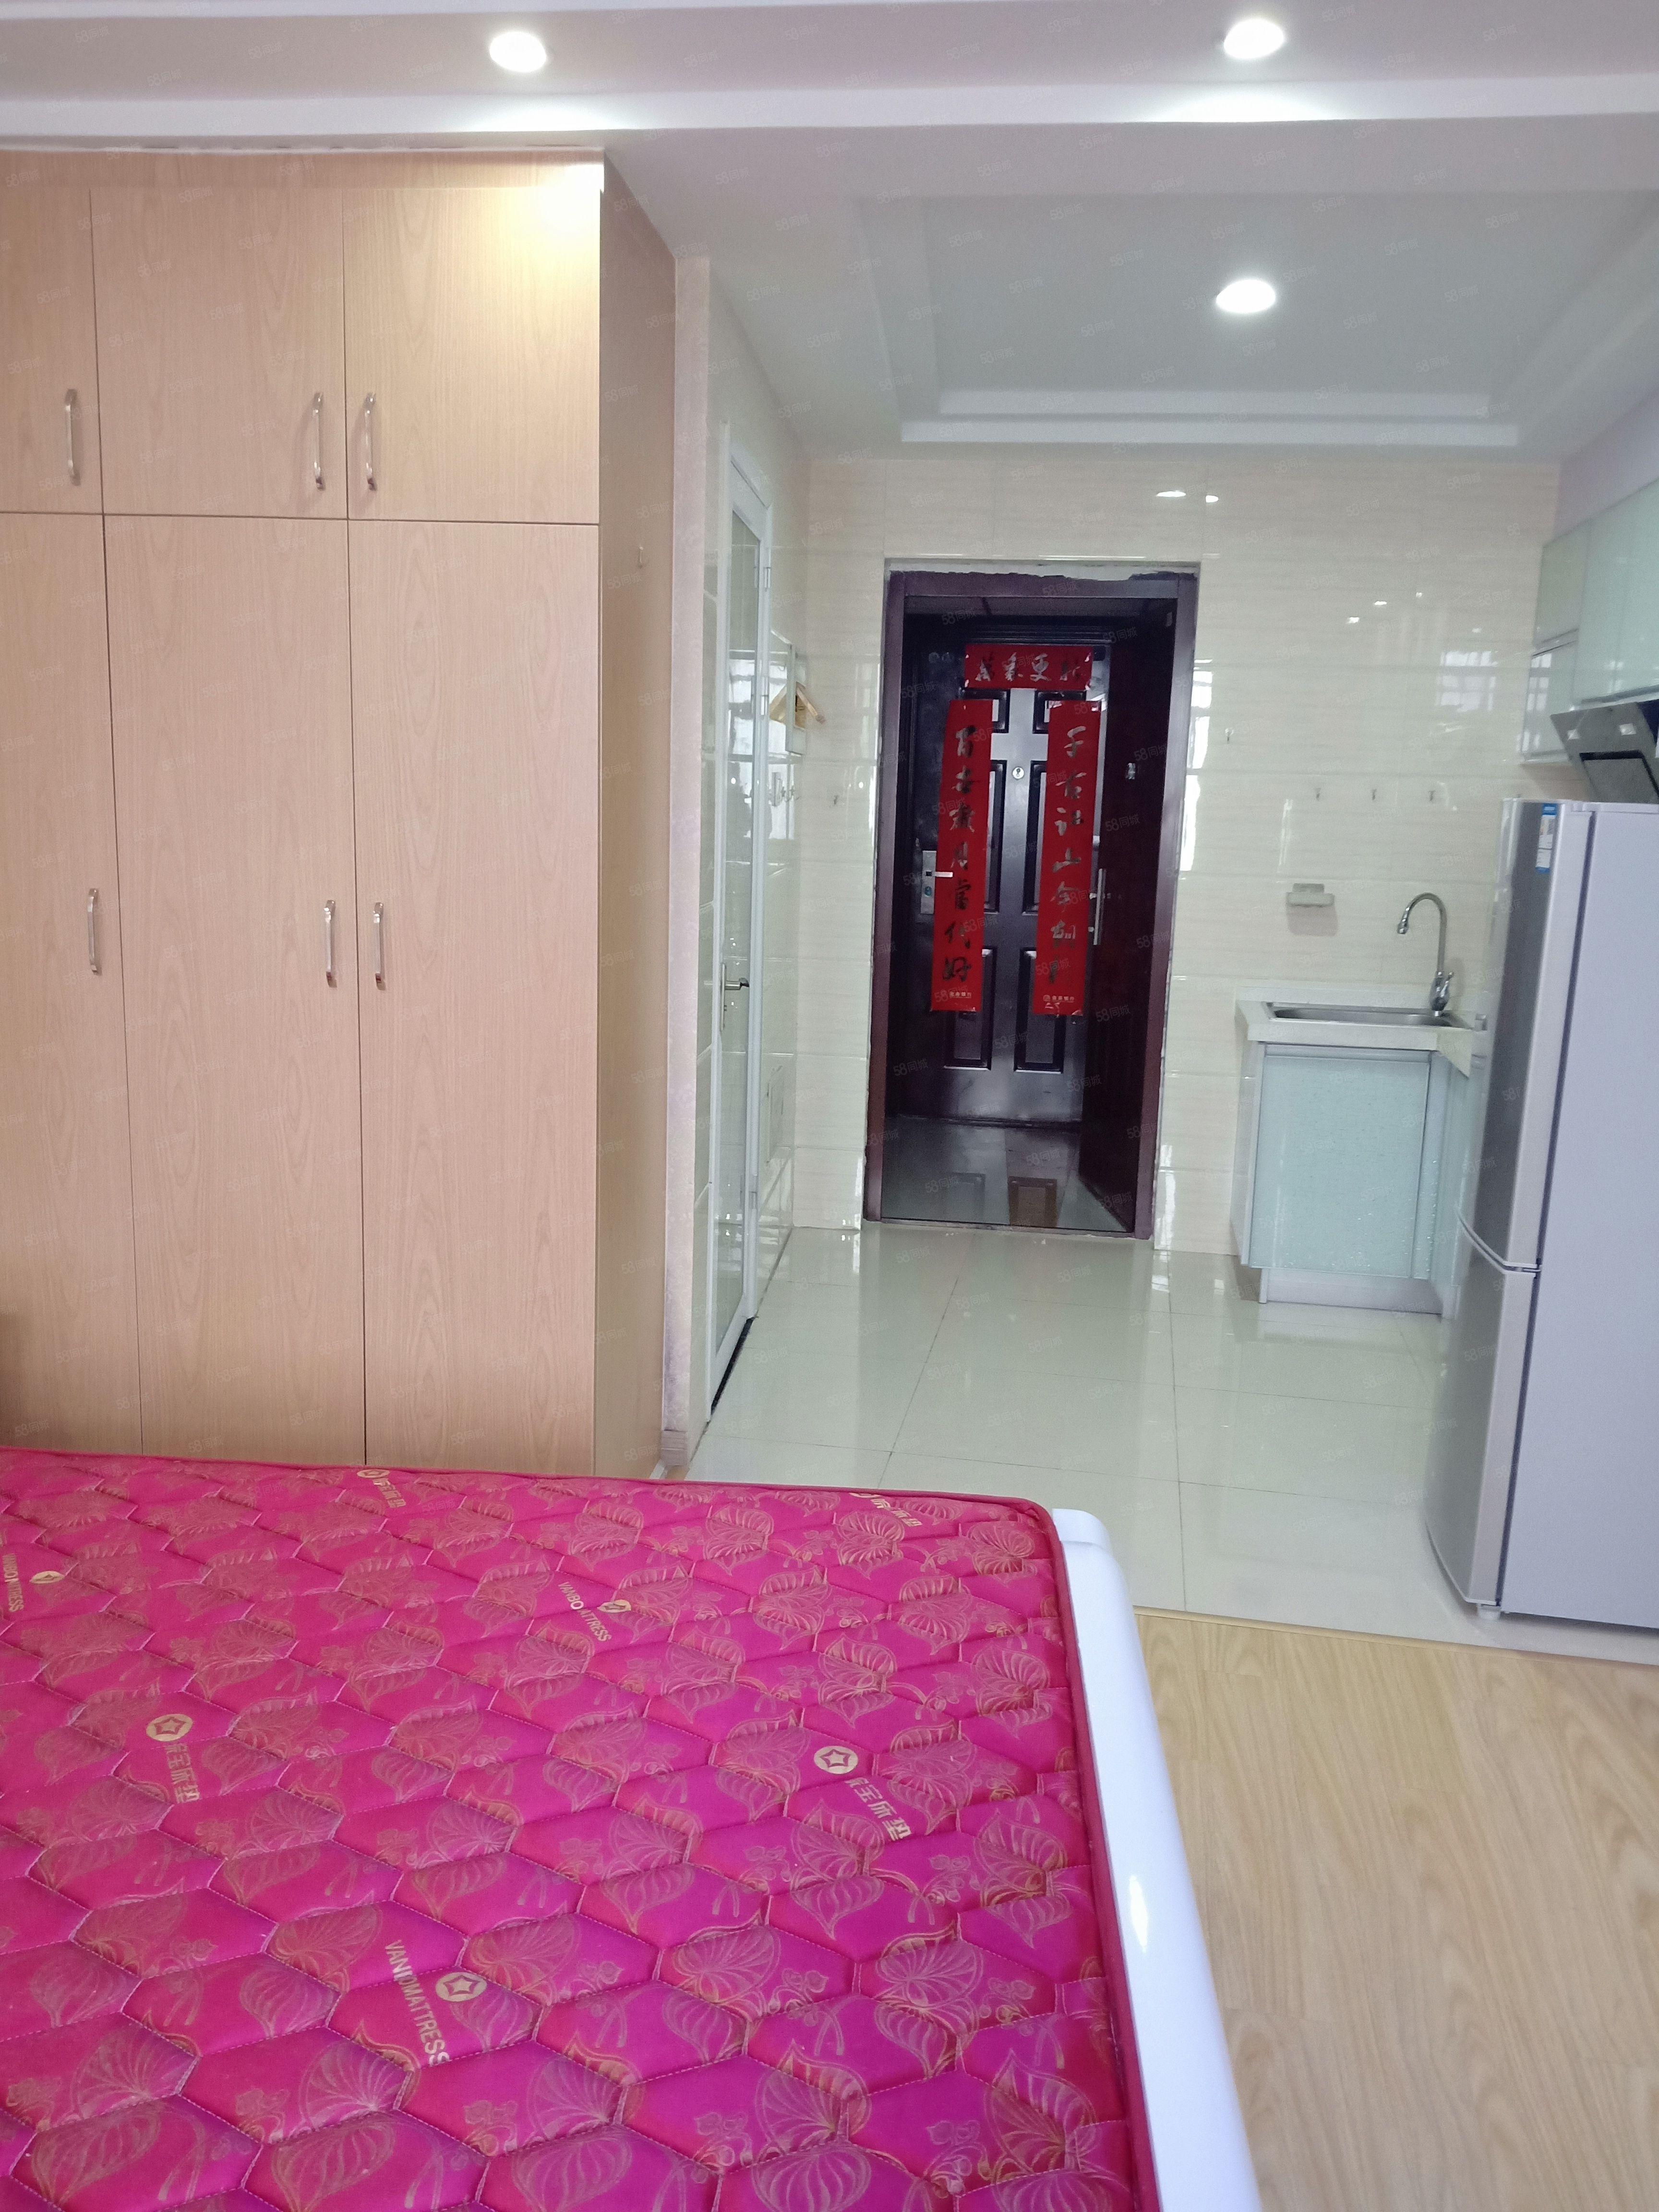 东方新世界精装单身公寓空调热水器冰箱洗衣机家具